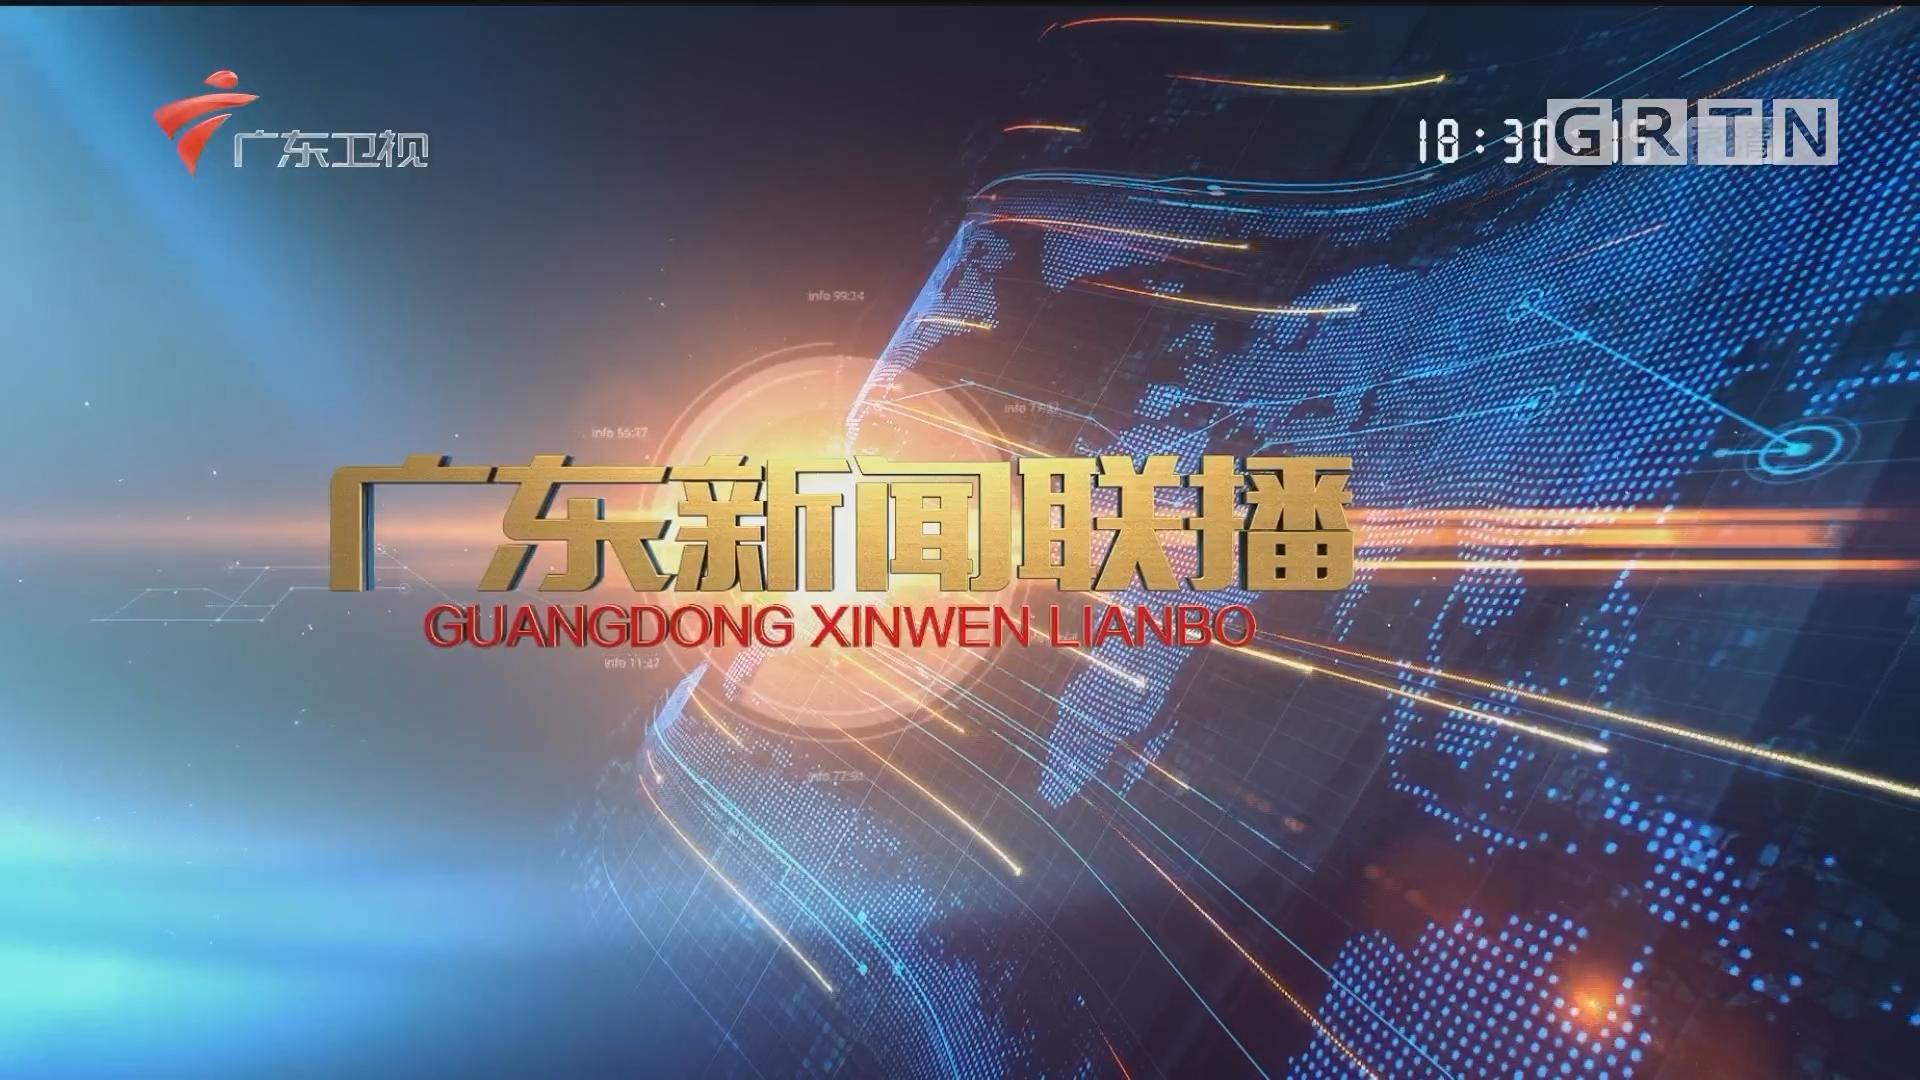 [HD][2017-10-04]广东新闻联播:广东各地群众欢声笑语度中秋